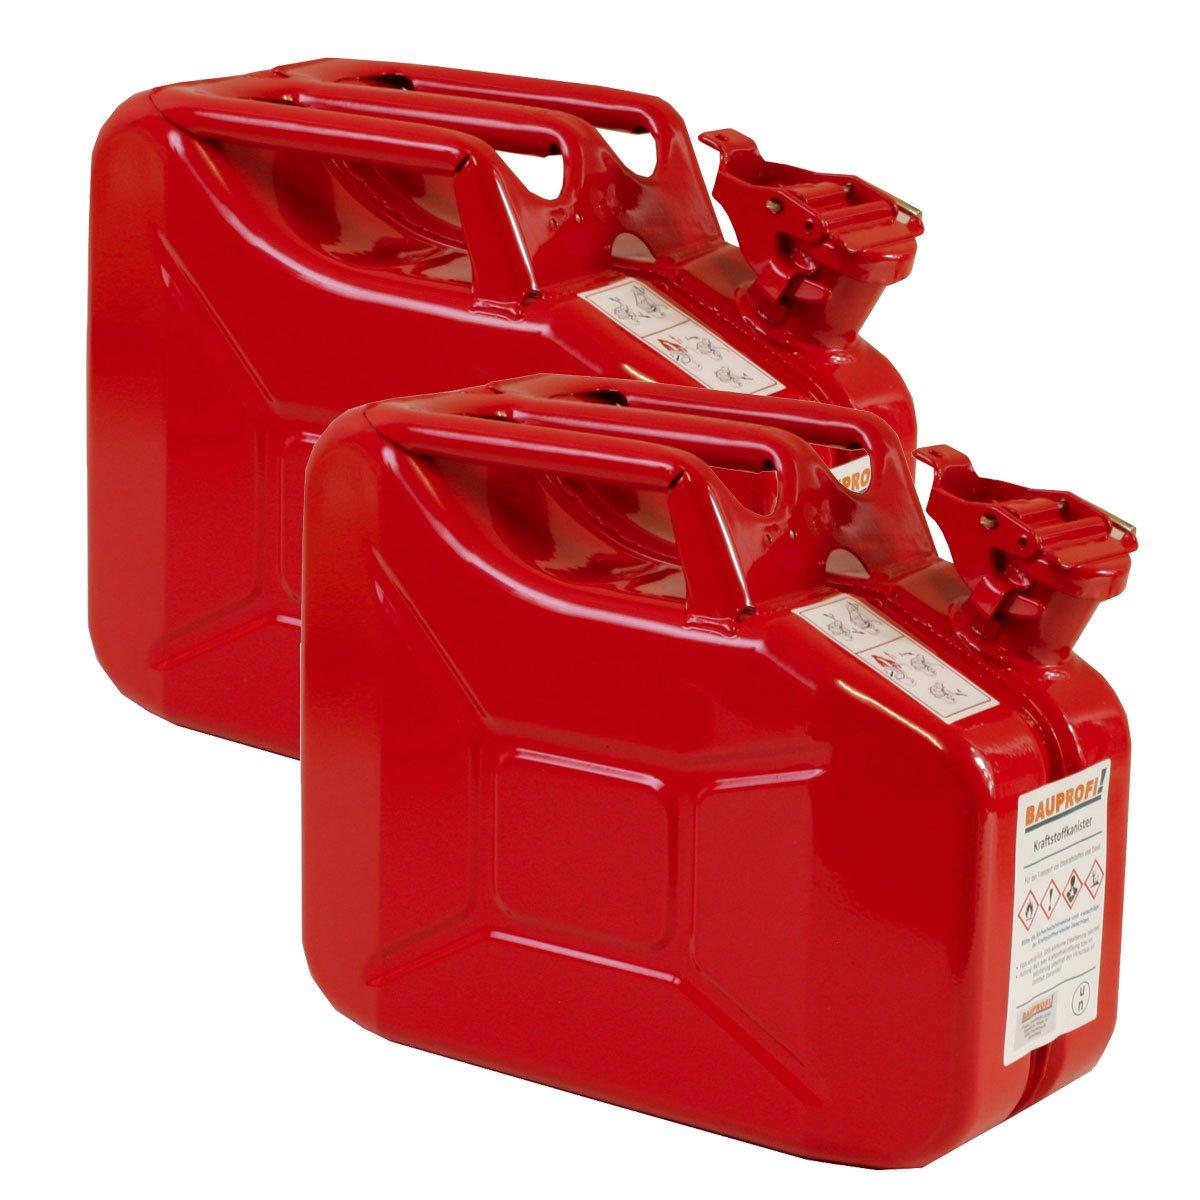 2er Set 10 Liter Benzinkanister Metall GGVS mit Sicherungsstift rot Blechkanister